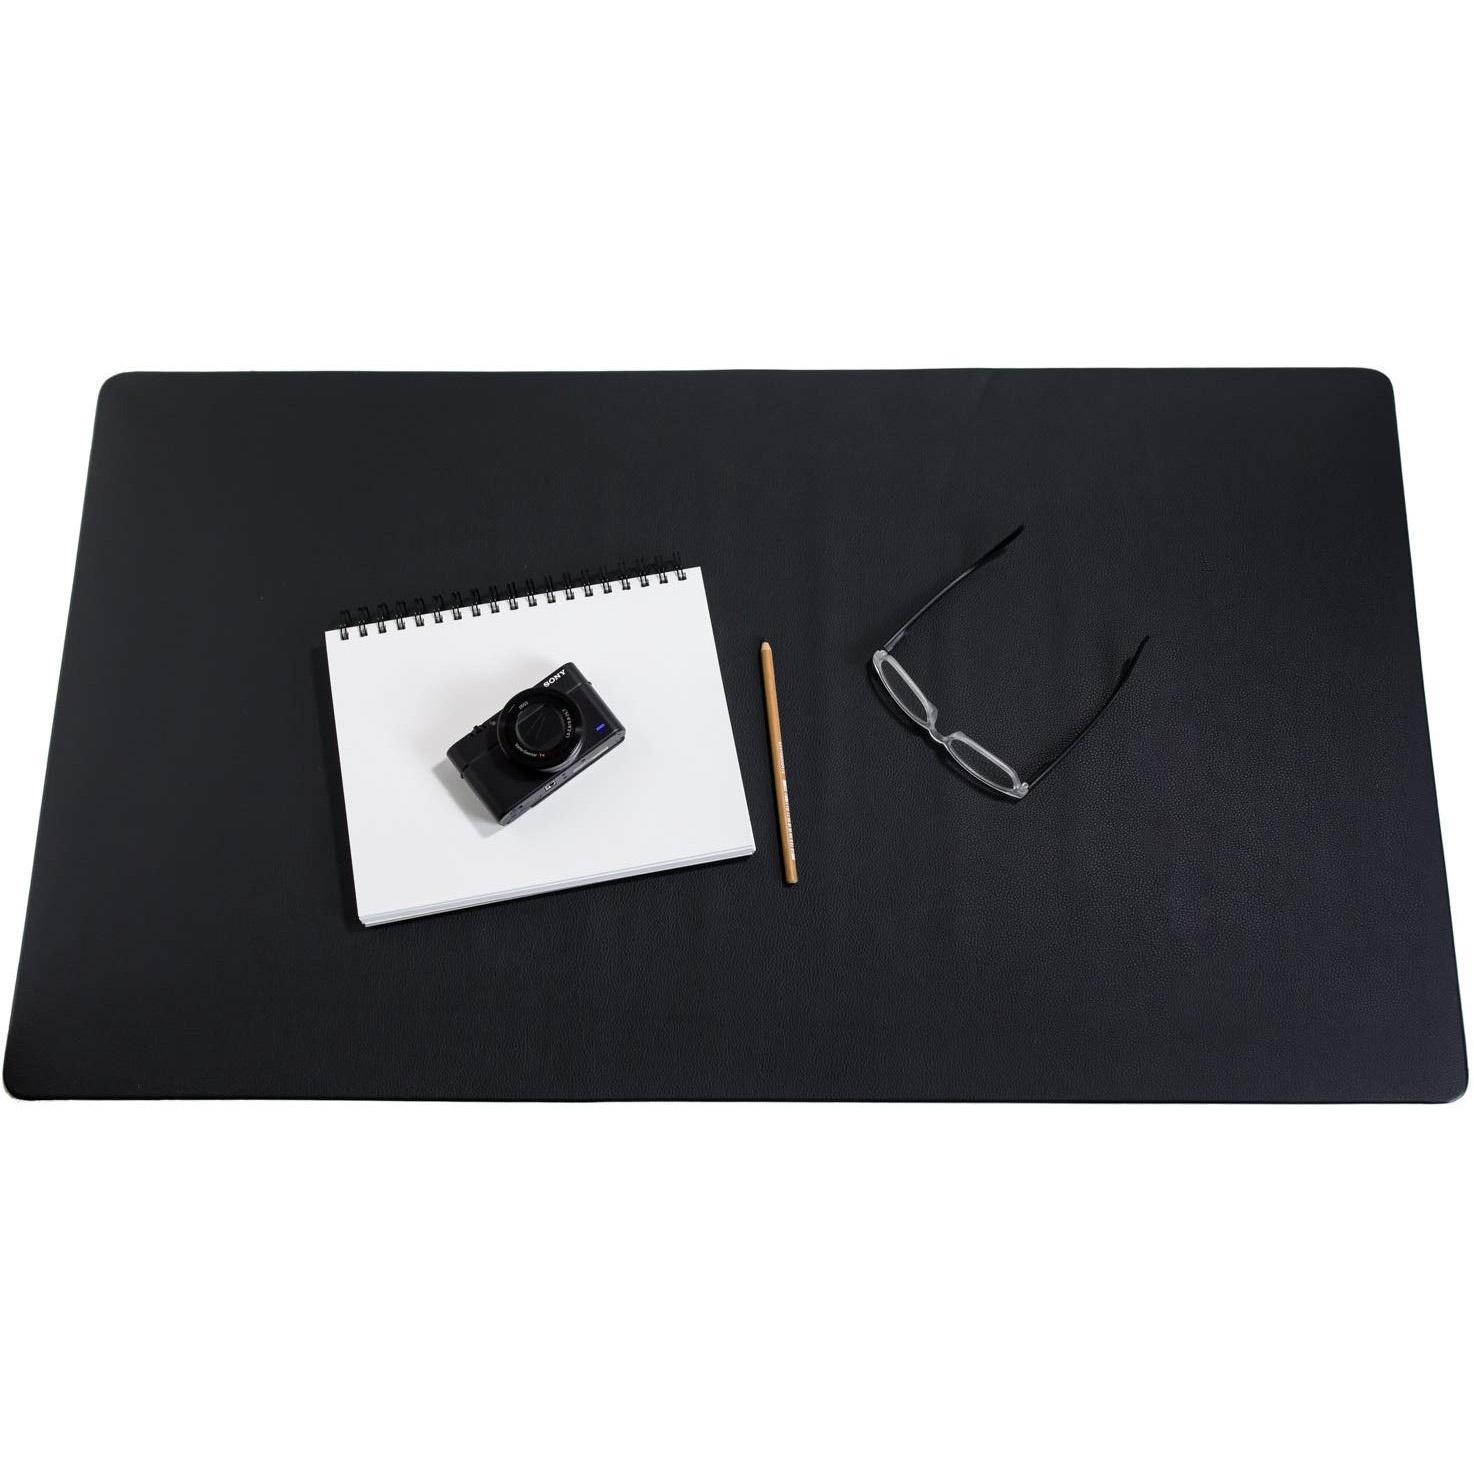 dovanos vyrams   verslo dovana naturalios odos ranku darbo laptop kompiuterio  padas stalo uztiesimas   15